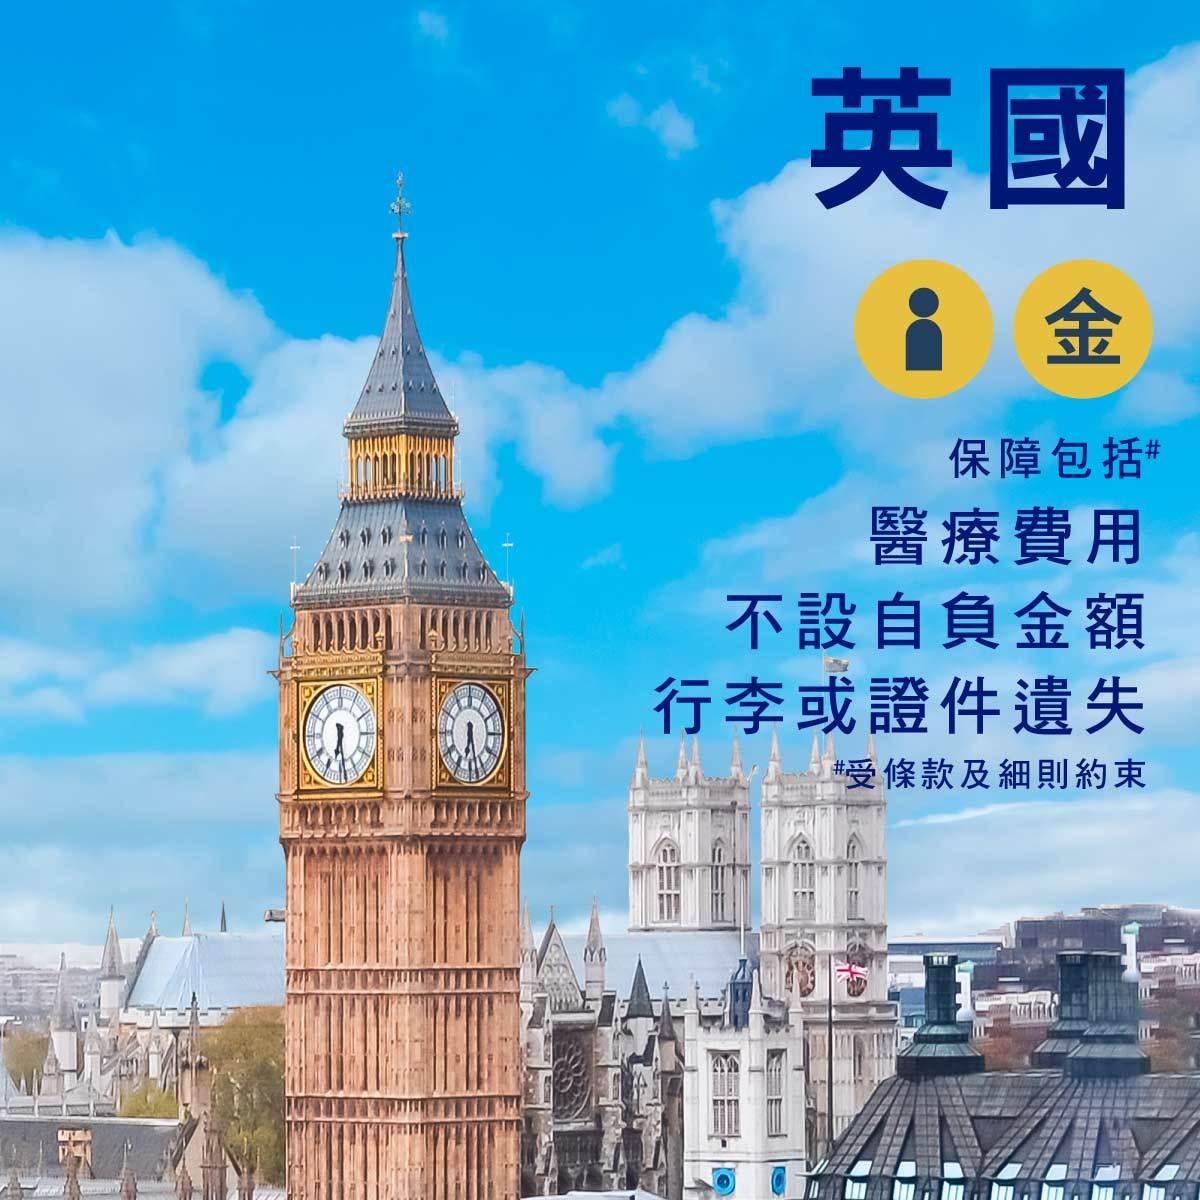 英國 - 單次個人旅遊保險